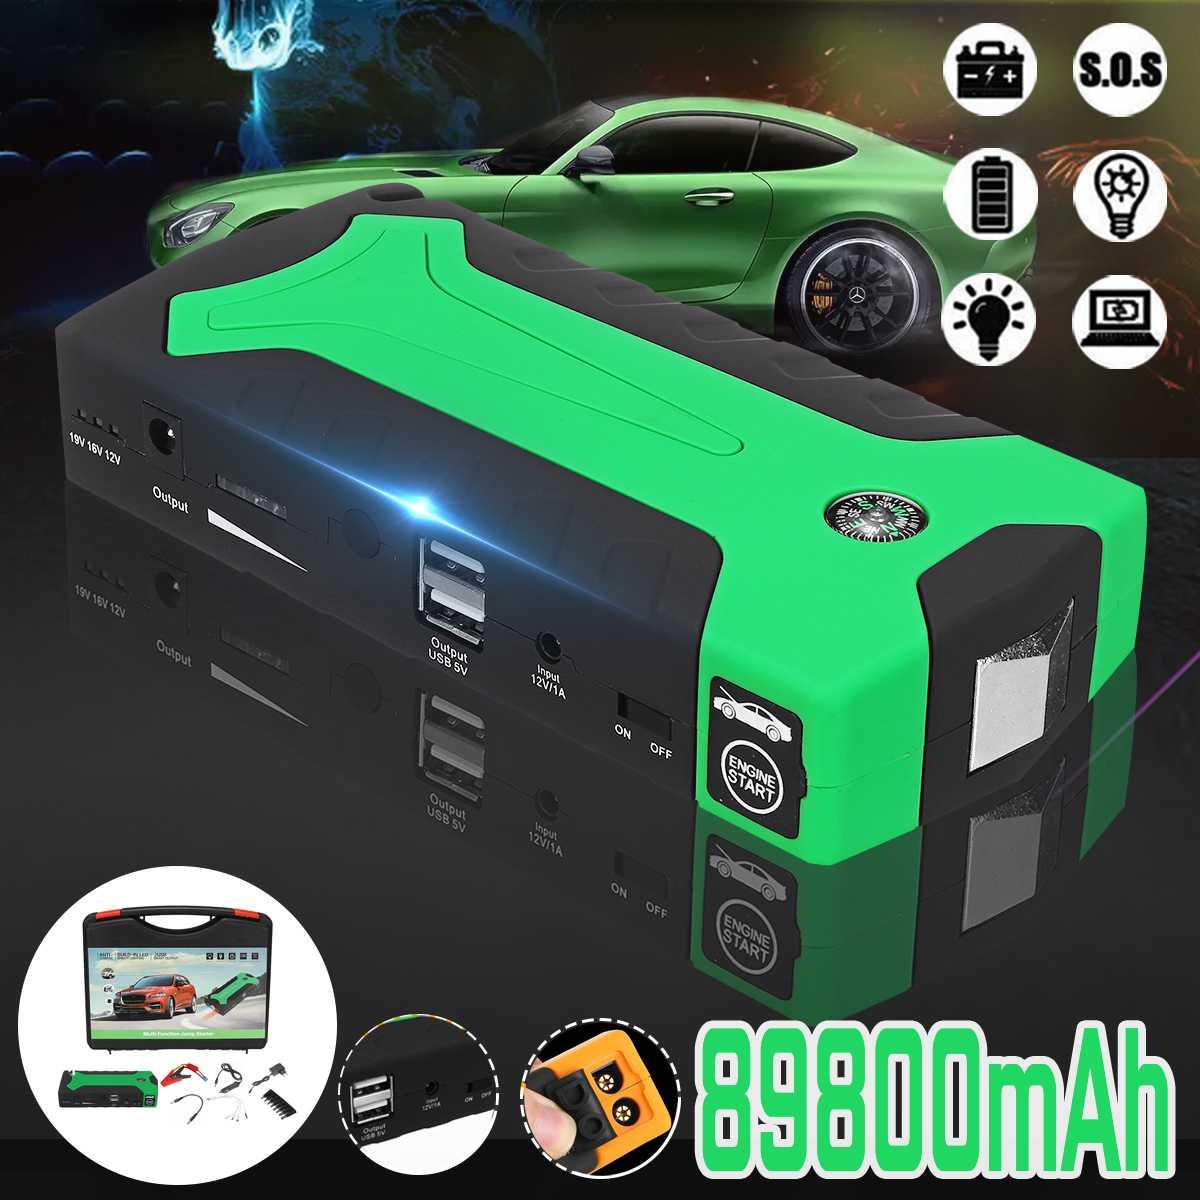 89800mA voiture saut démarreur batterie externe 600A Portable voiture batterie Booster chargeur 12 V dispositif de démarrage essence Diesel voiture démarreur